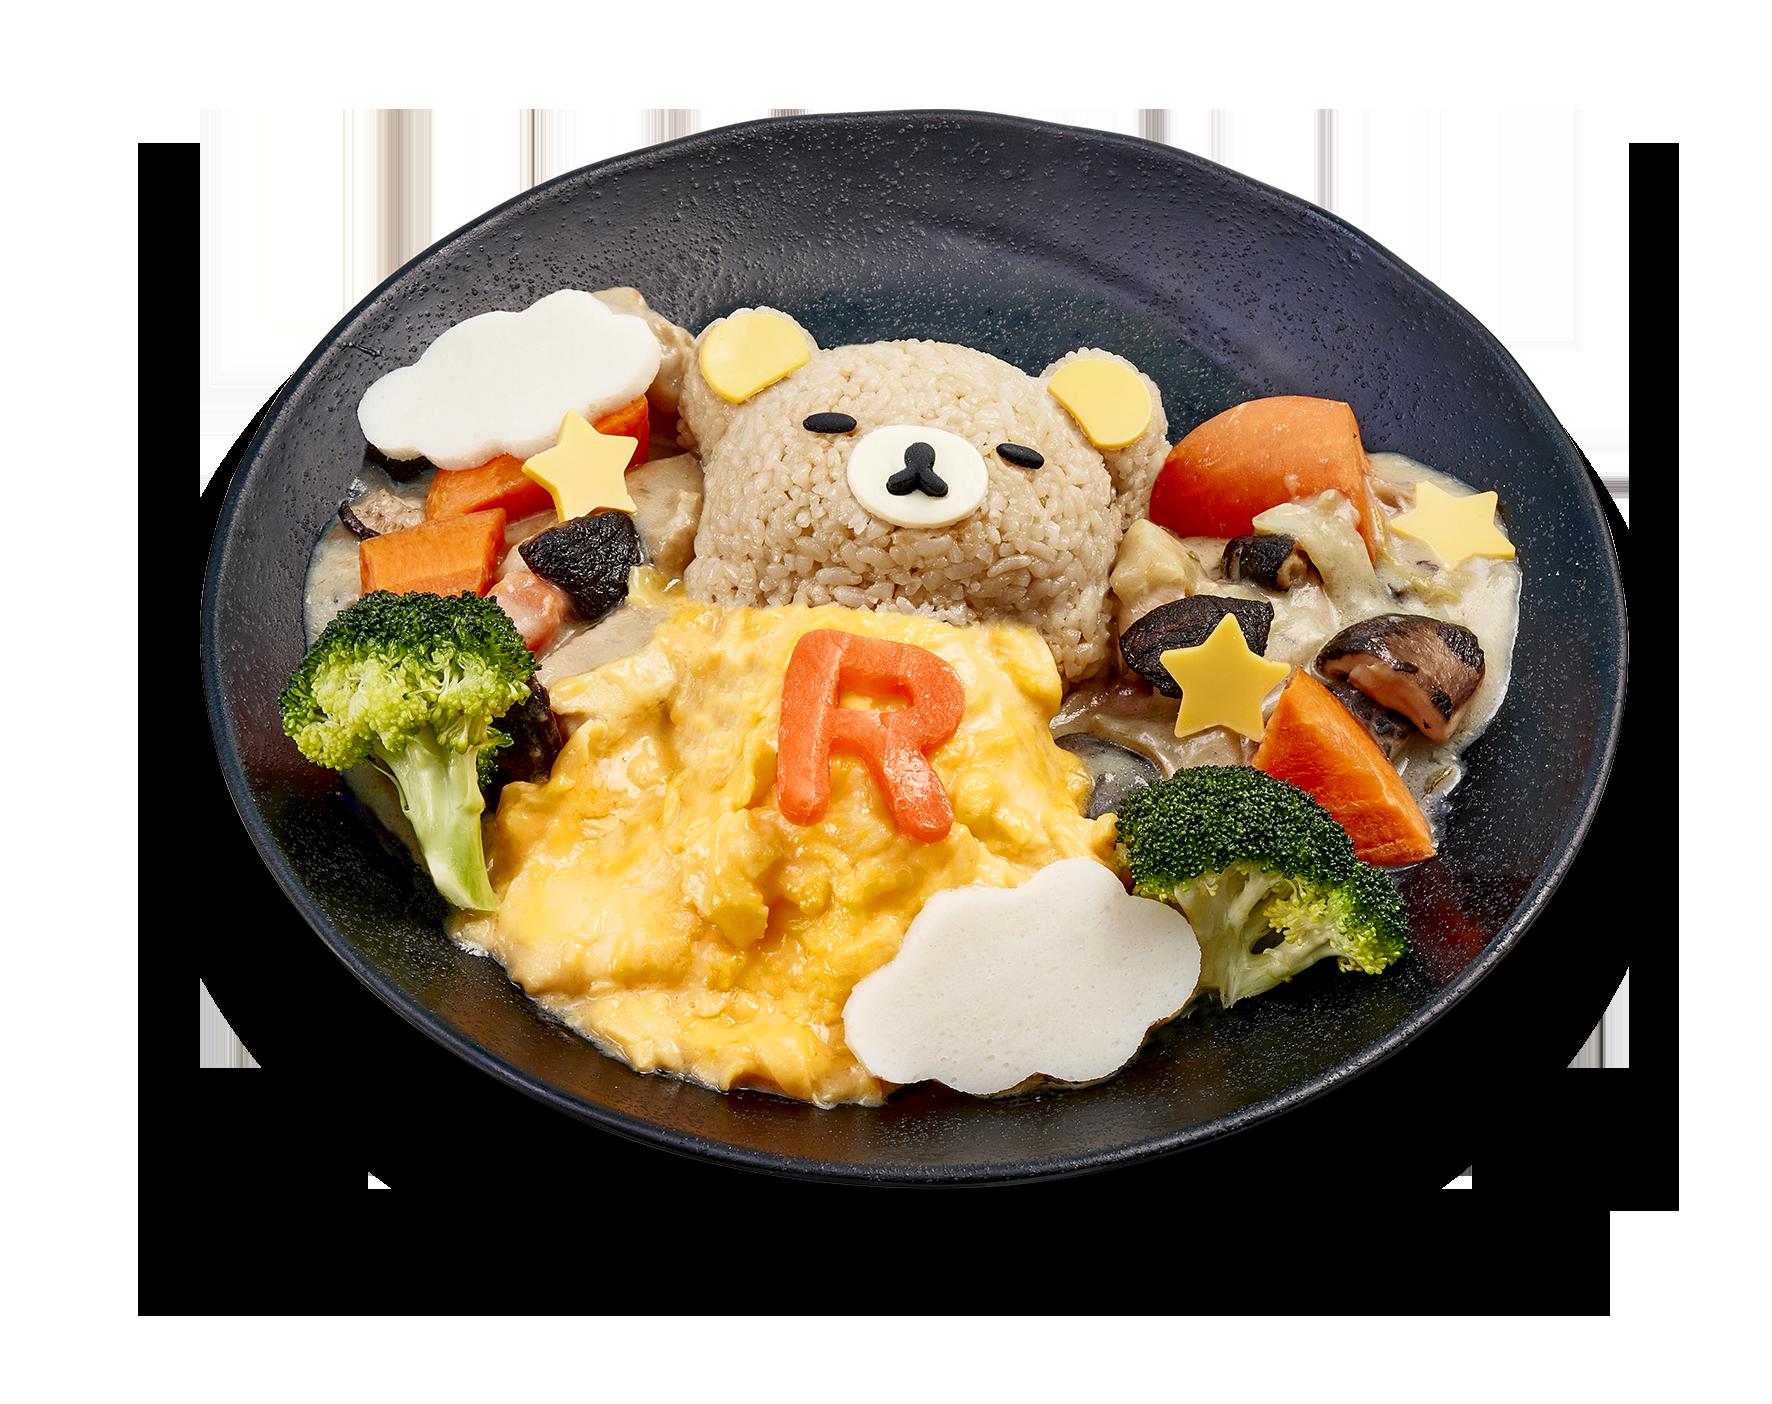 懶懶熊主題快閃咖啡廳將在新加坡開辦! Chocken_stew_rice